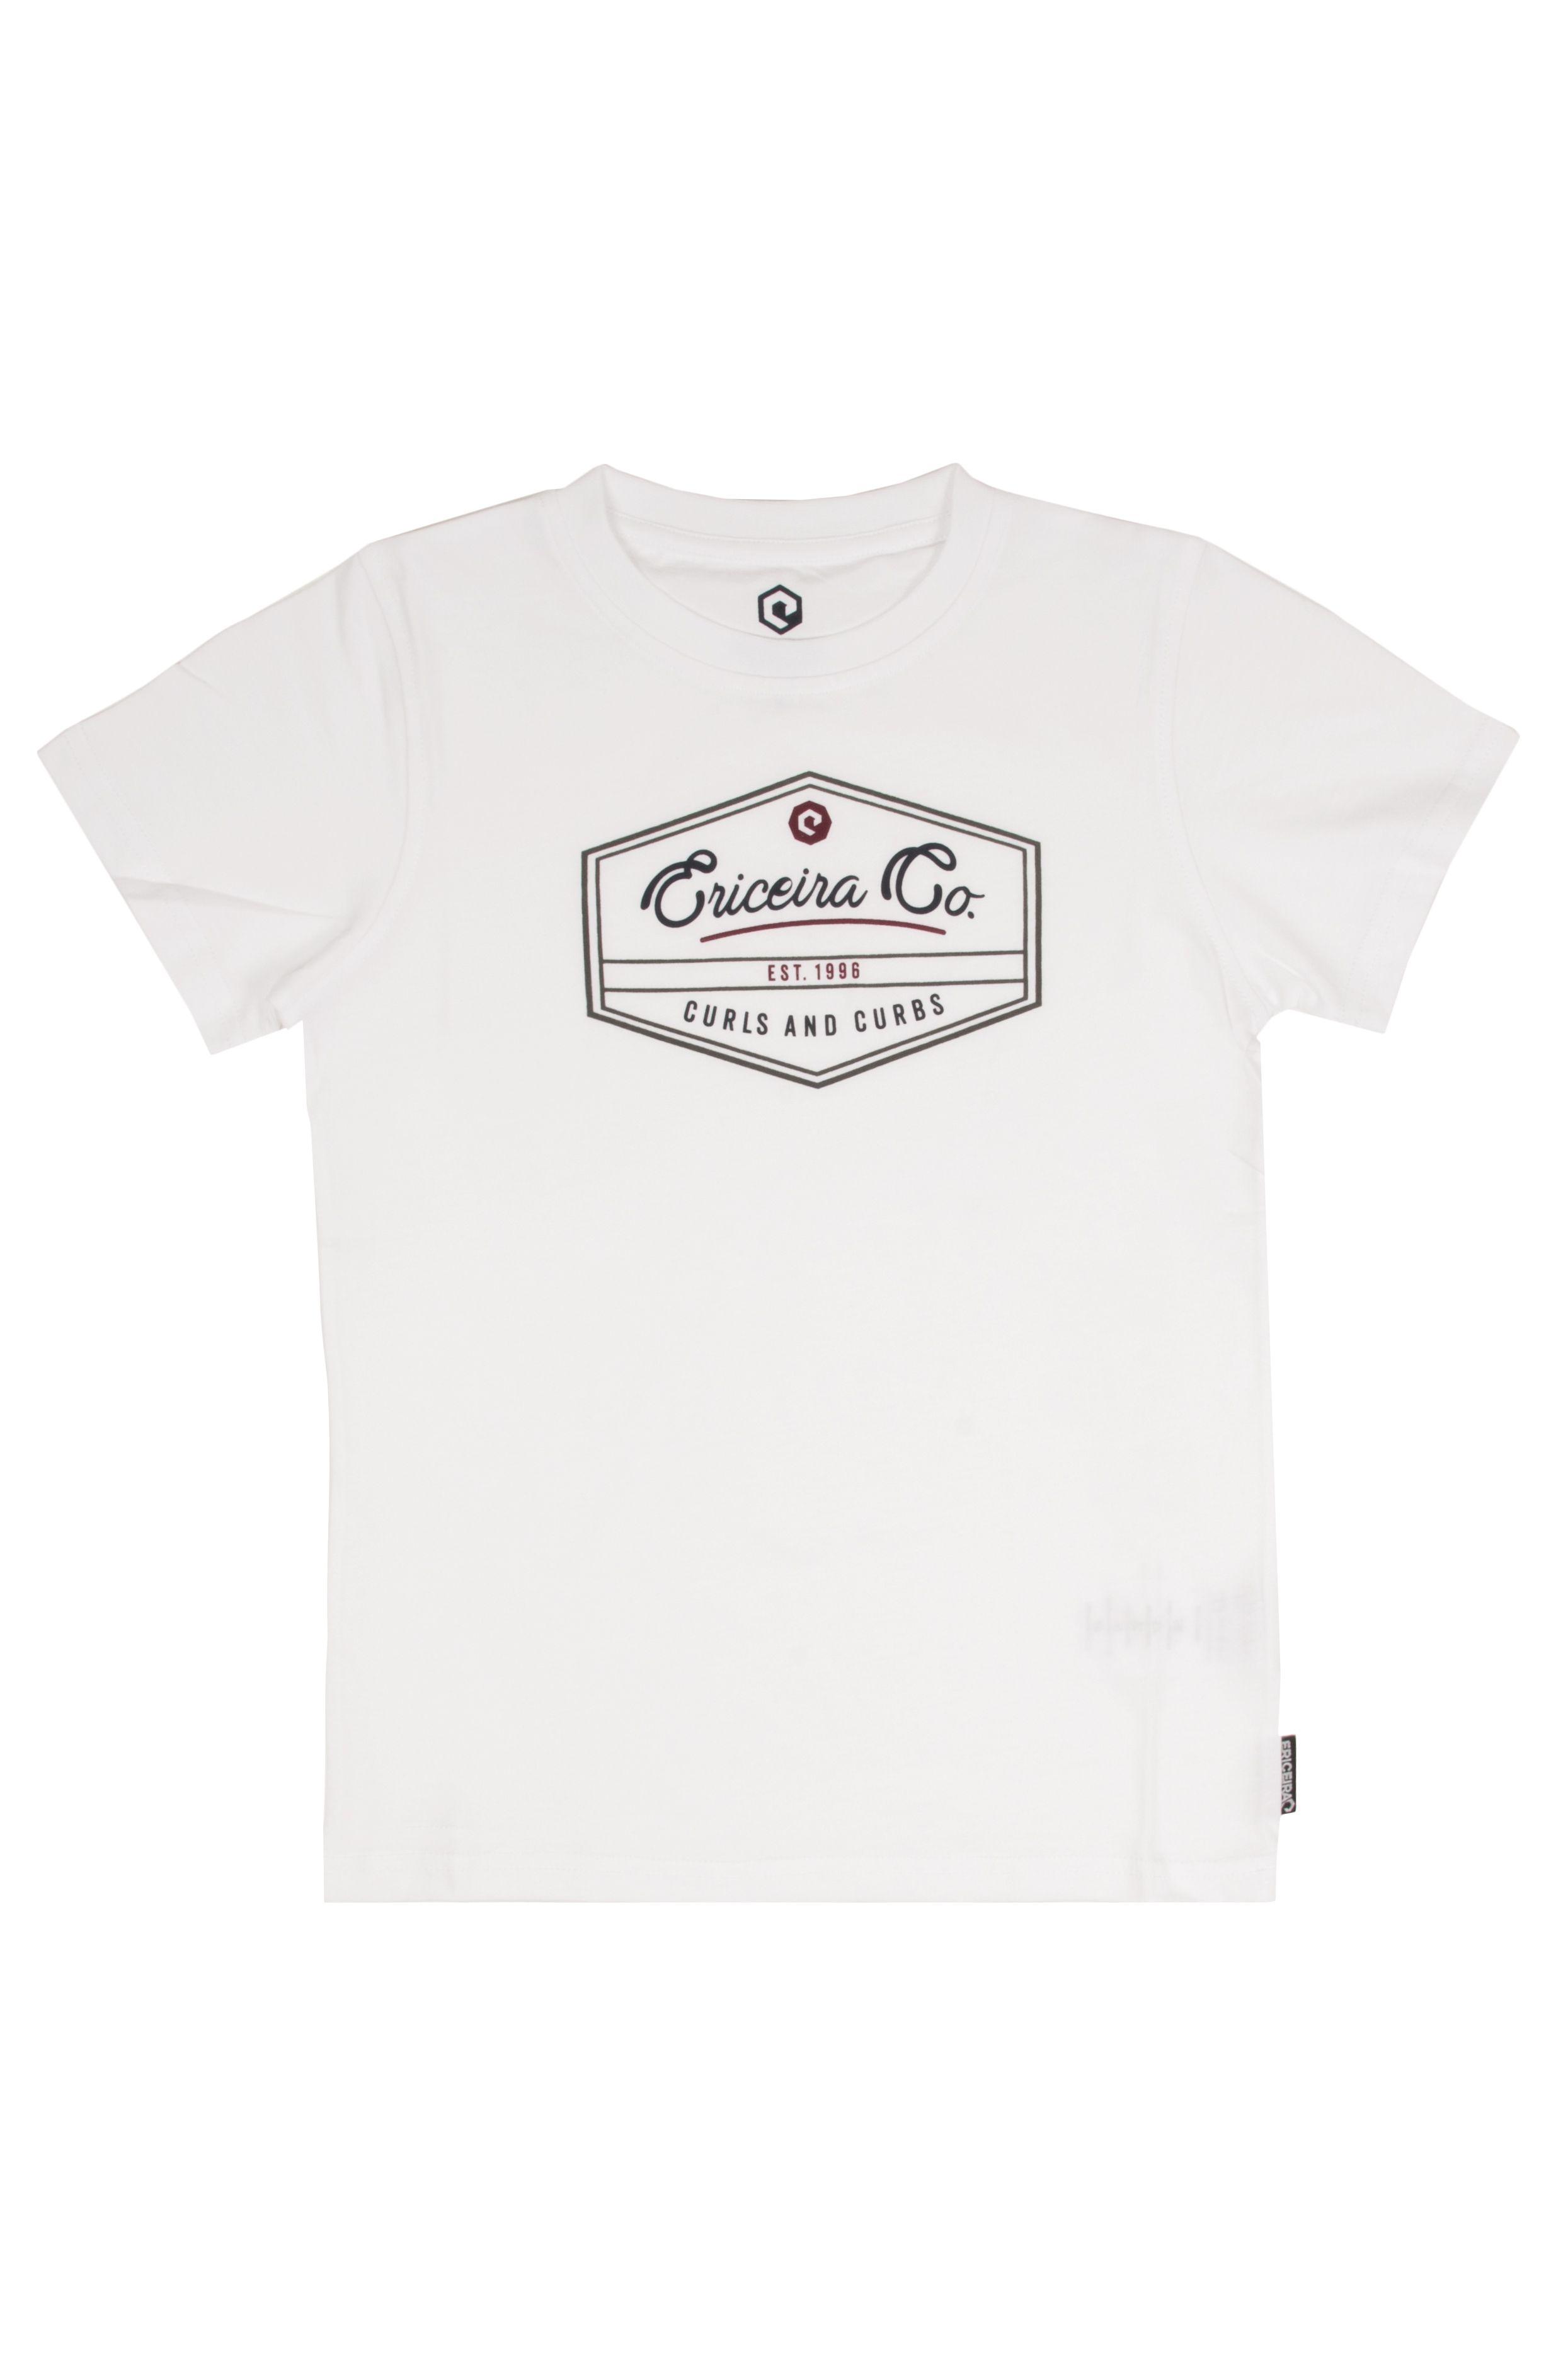 Ericeira Surf Skate T-Shirt HONEY BEE White